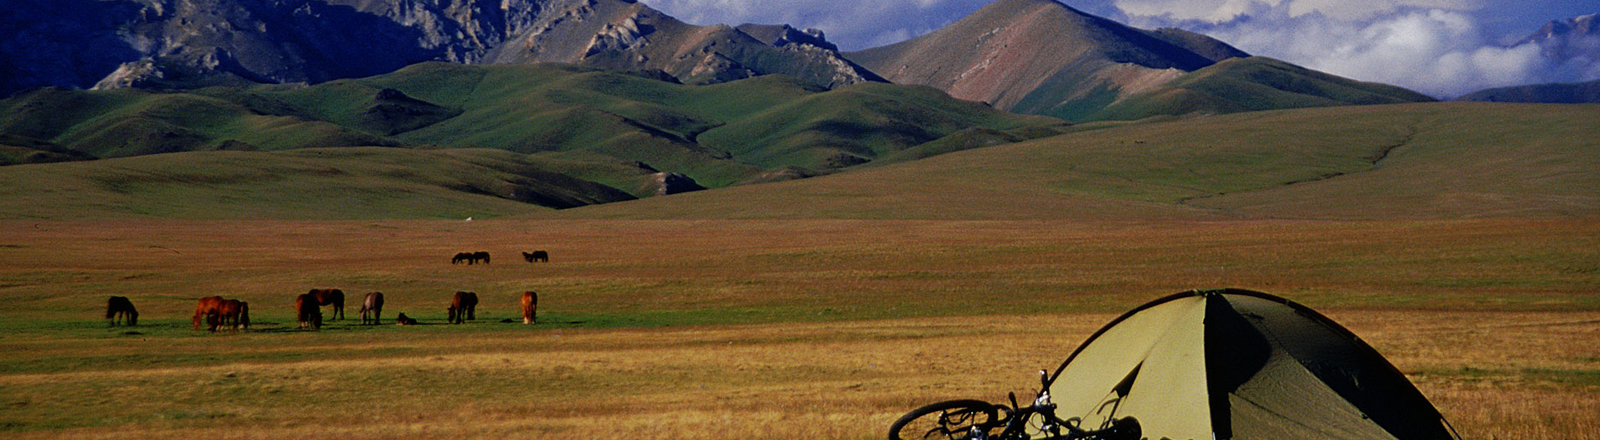 Fahrrad und Zelt in der Steppe